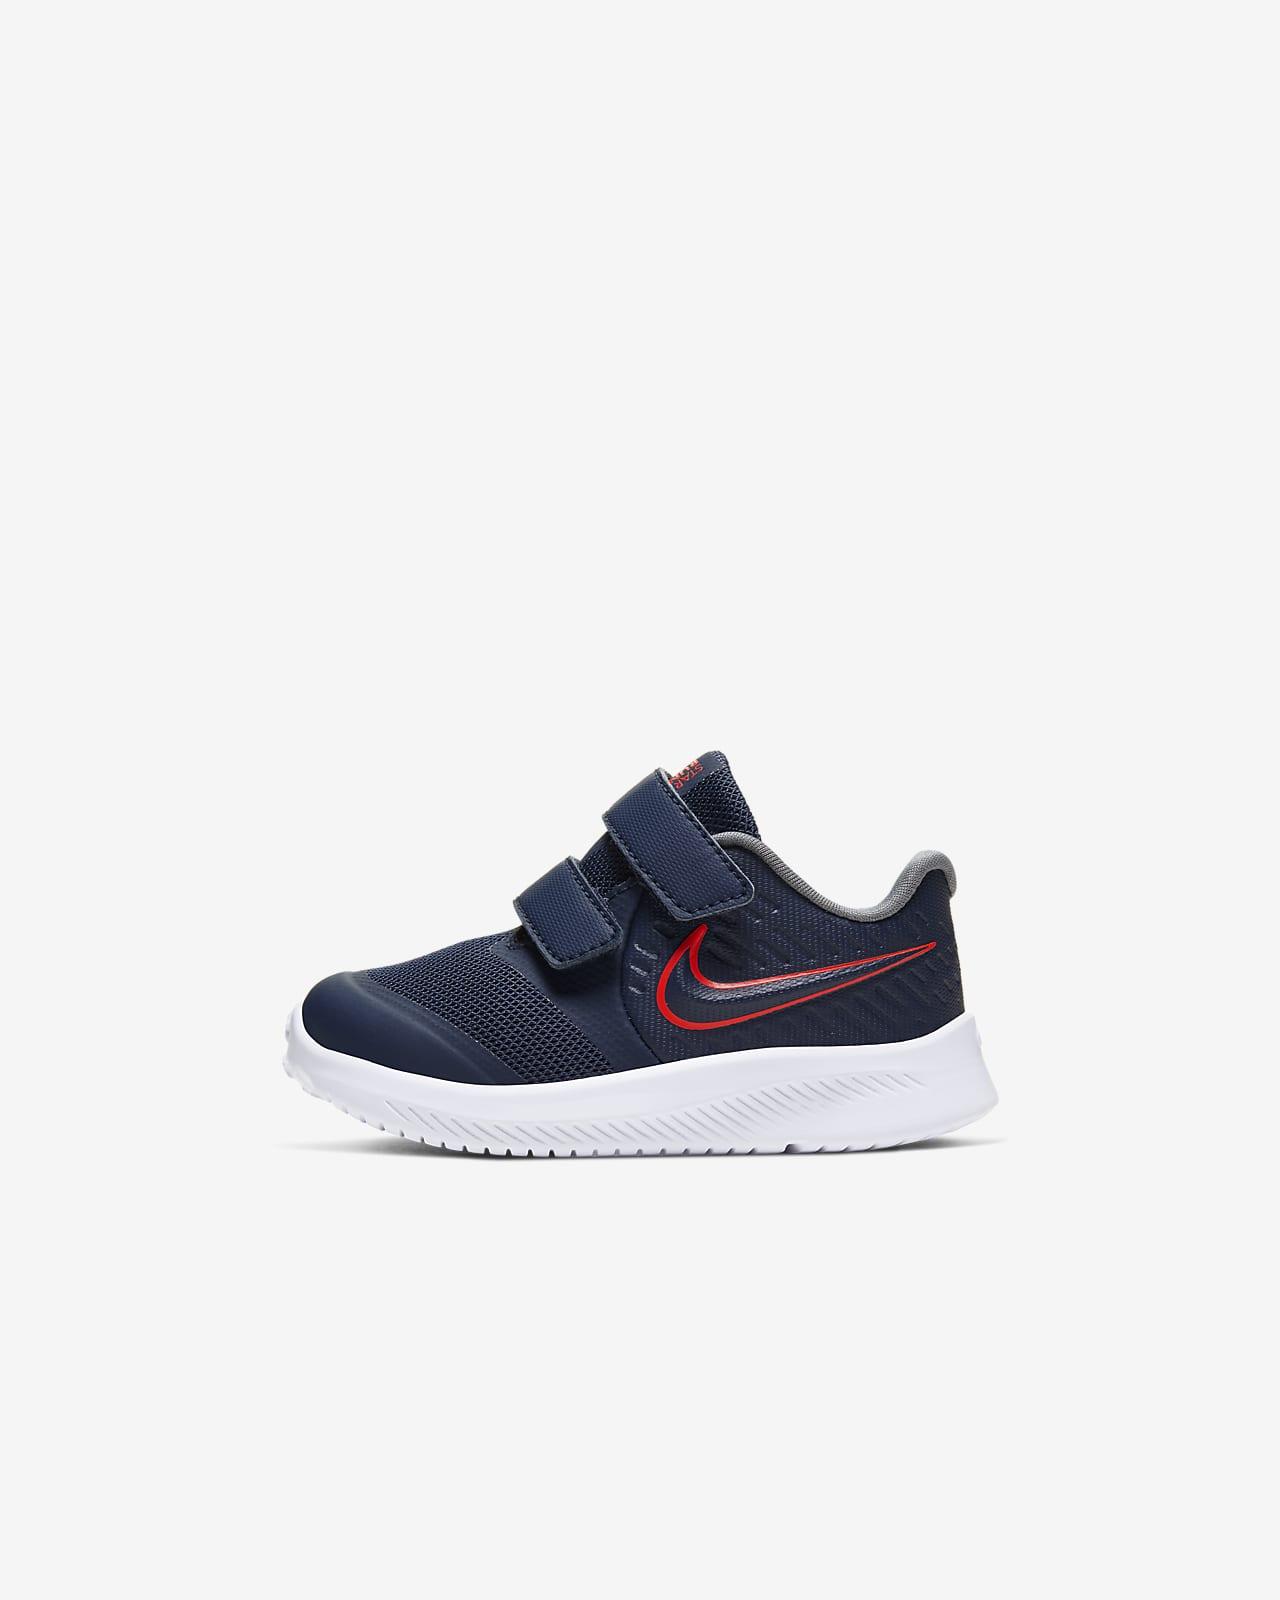 Chaussure Nike Star Runner 2 pour Bébé/Petit enfant